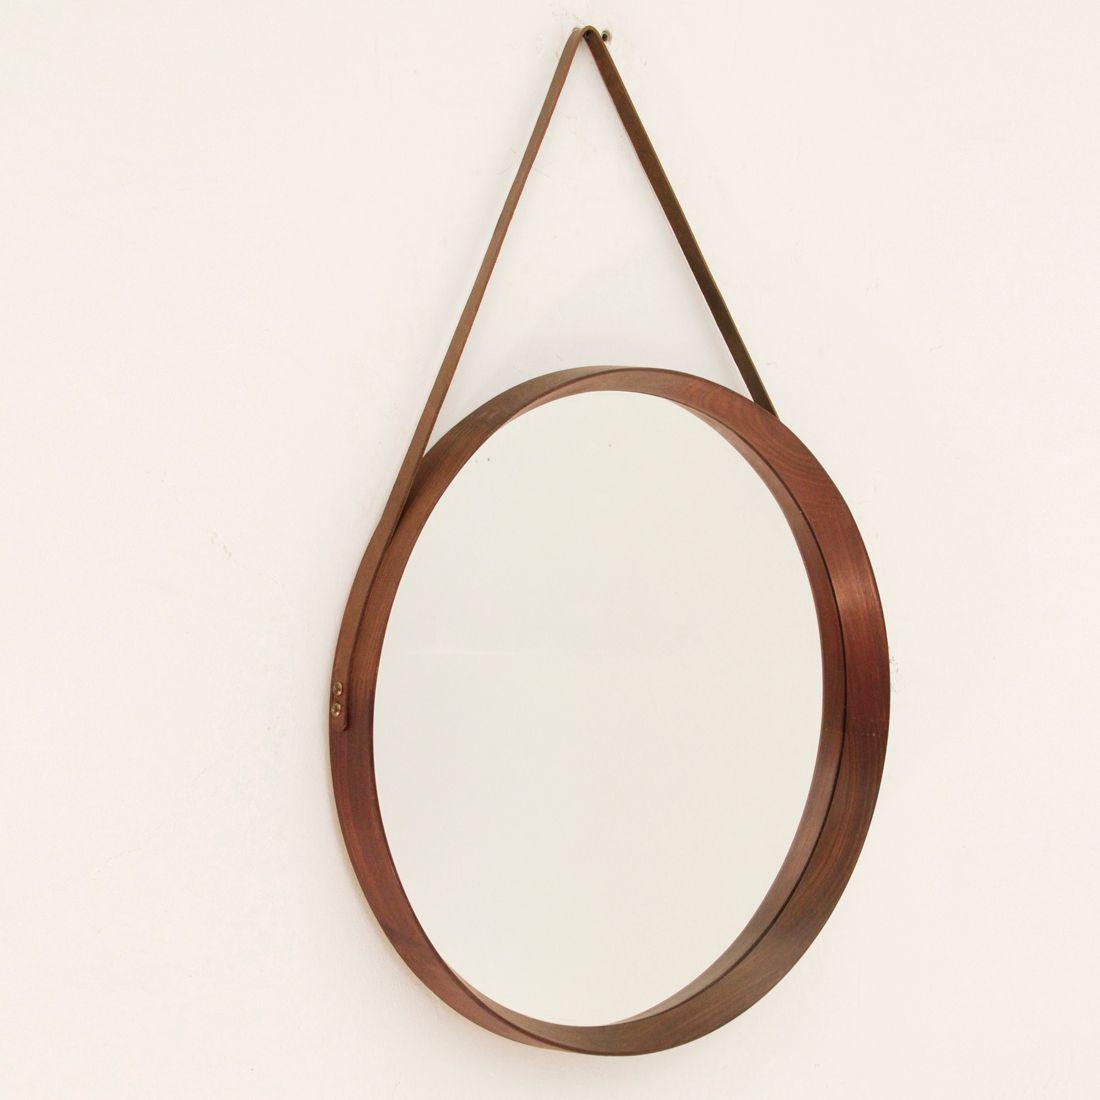 Miroir rond en bois courb italie 1960s en vente sur pamono for Miroir antique en bois